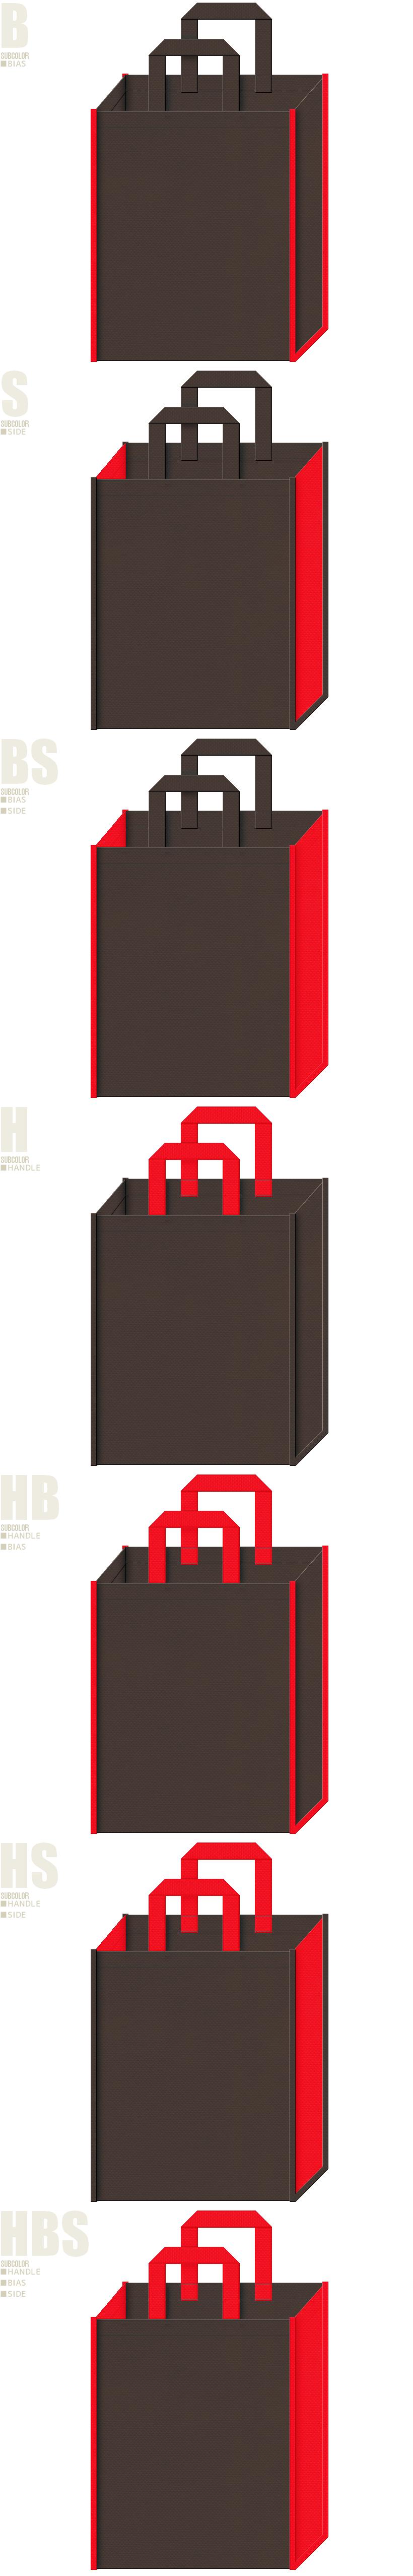 暖炉・ストーブ・暖房器具・トナカイ・クリスマスの不織布バッグにお奨めの配色です。こげ茶色と赤色の配色7パターン